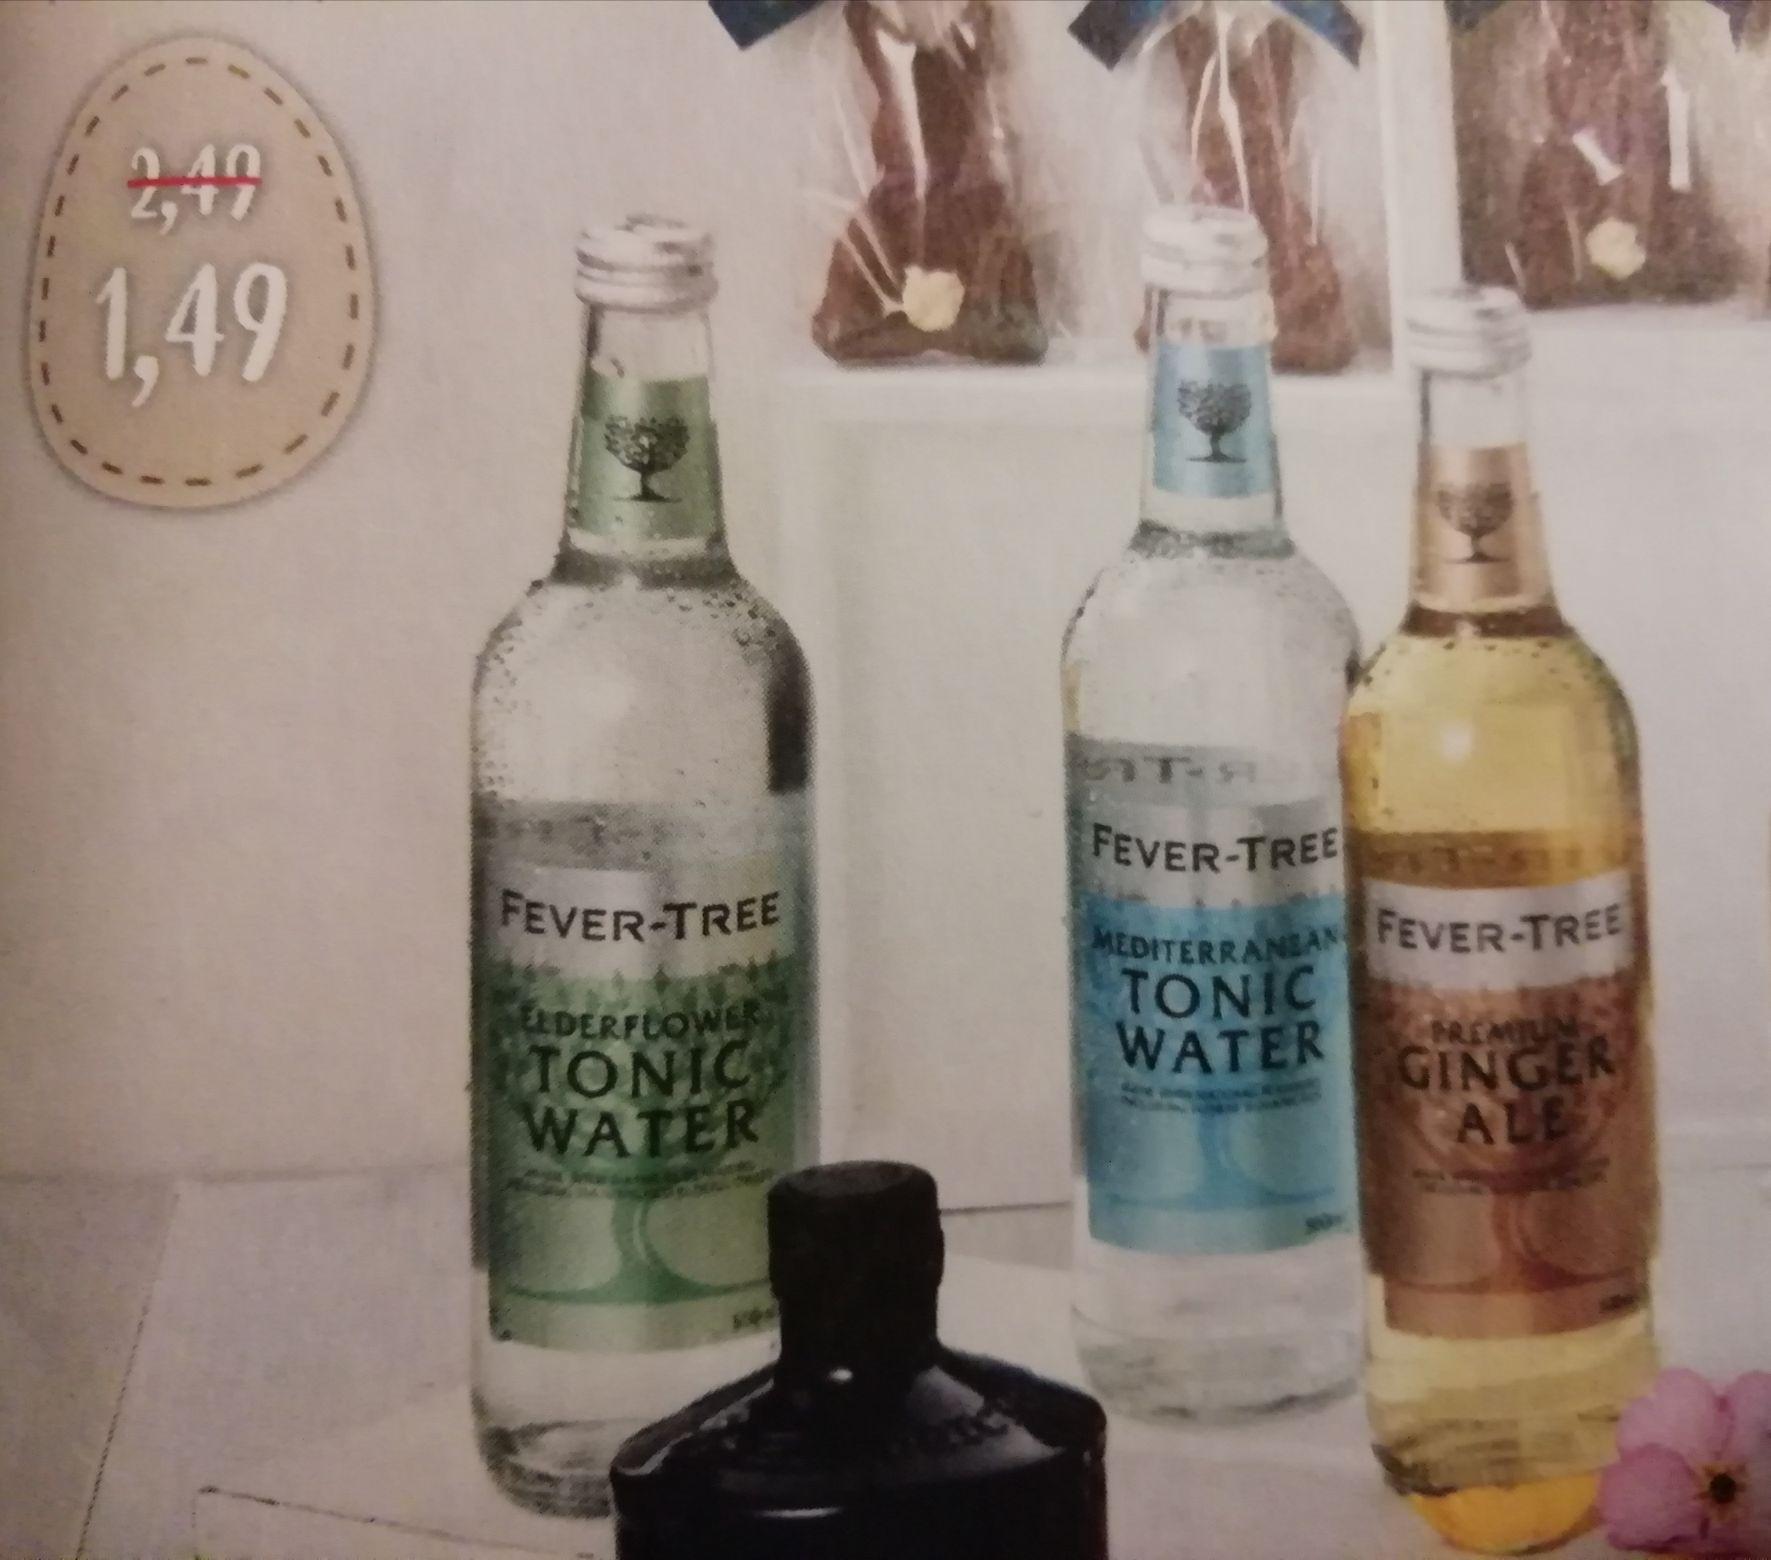 [Edeka Nord] Fever Tree Tonic Water 0,5 l verschiedene Sorten